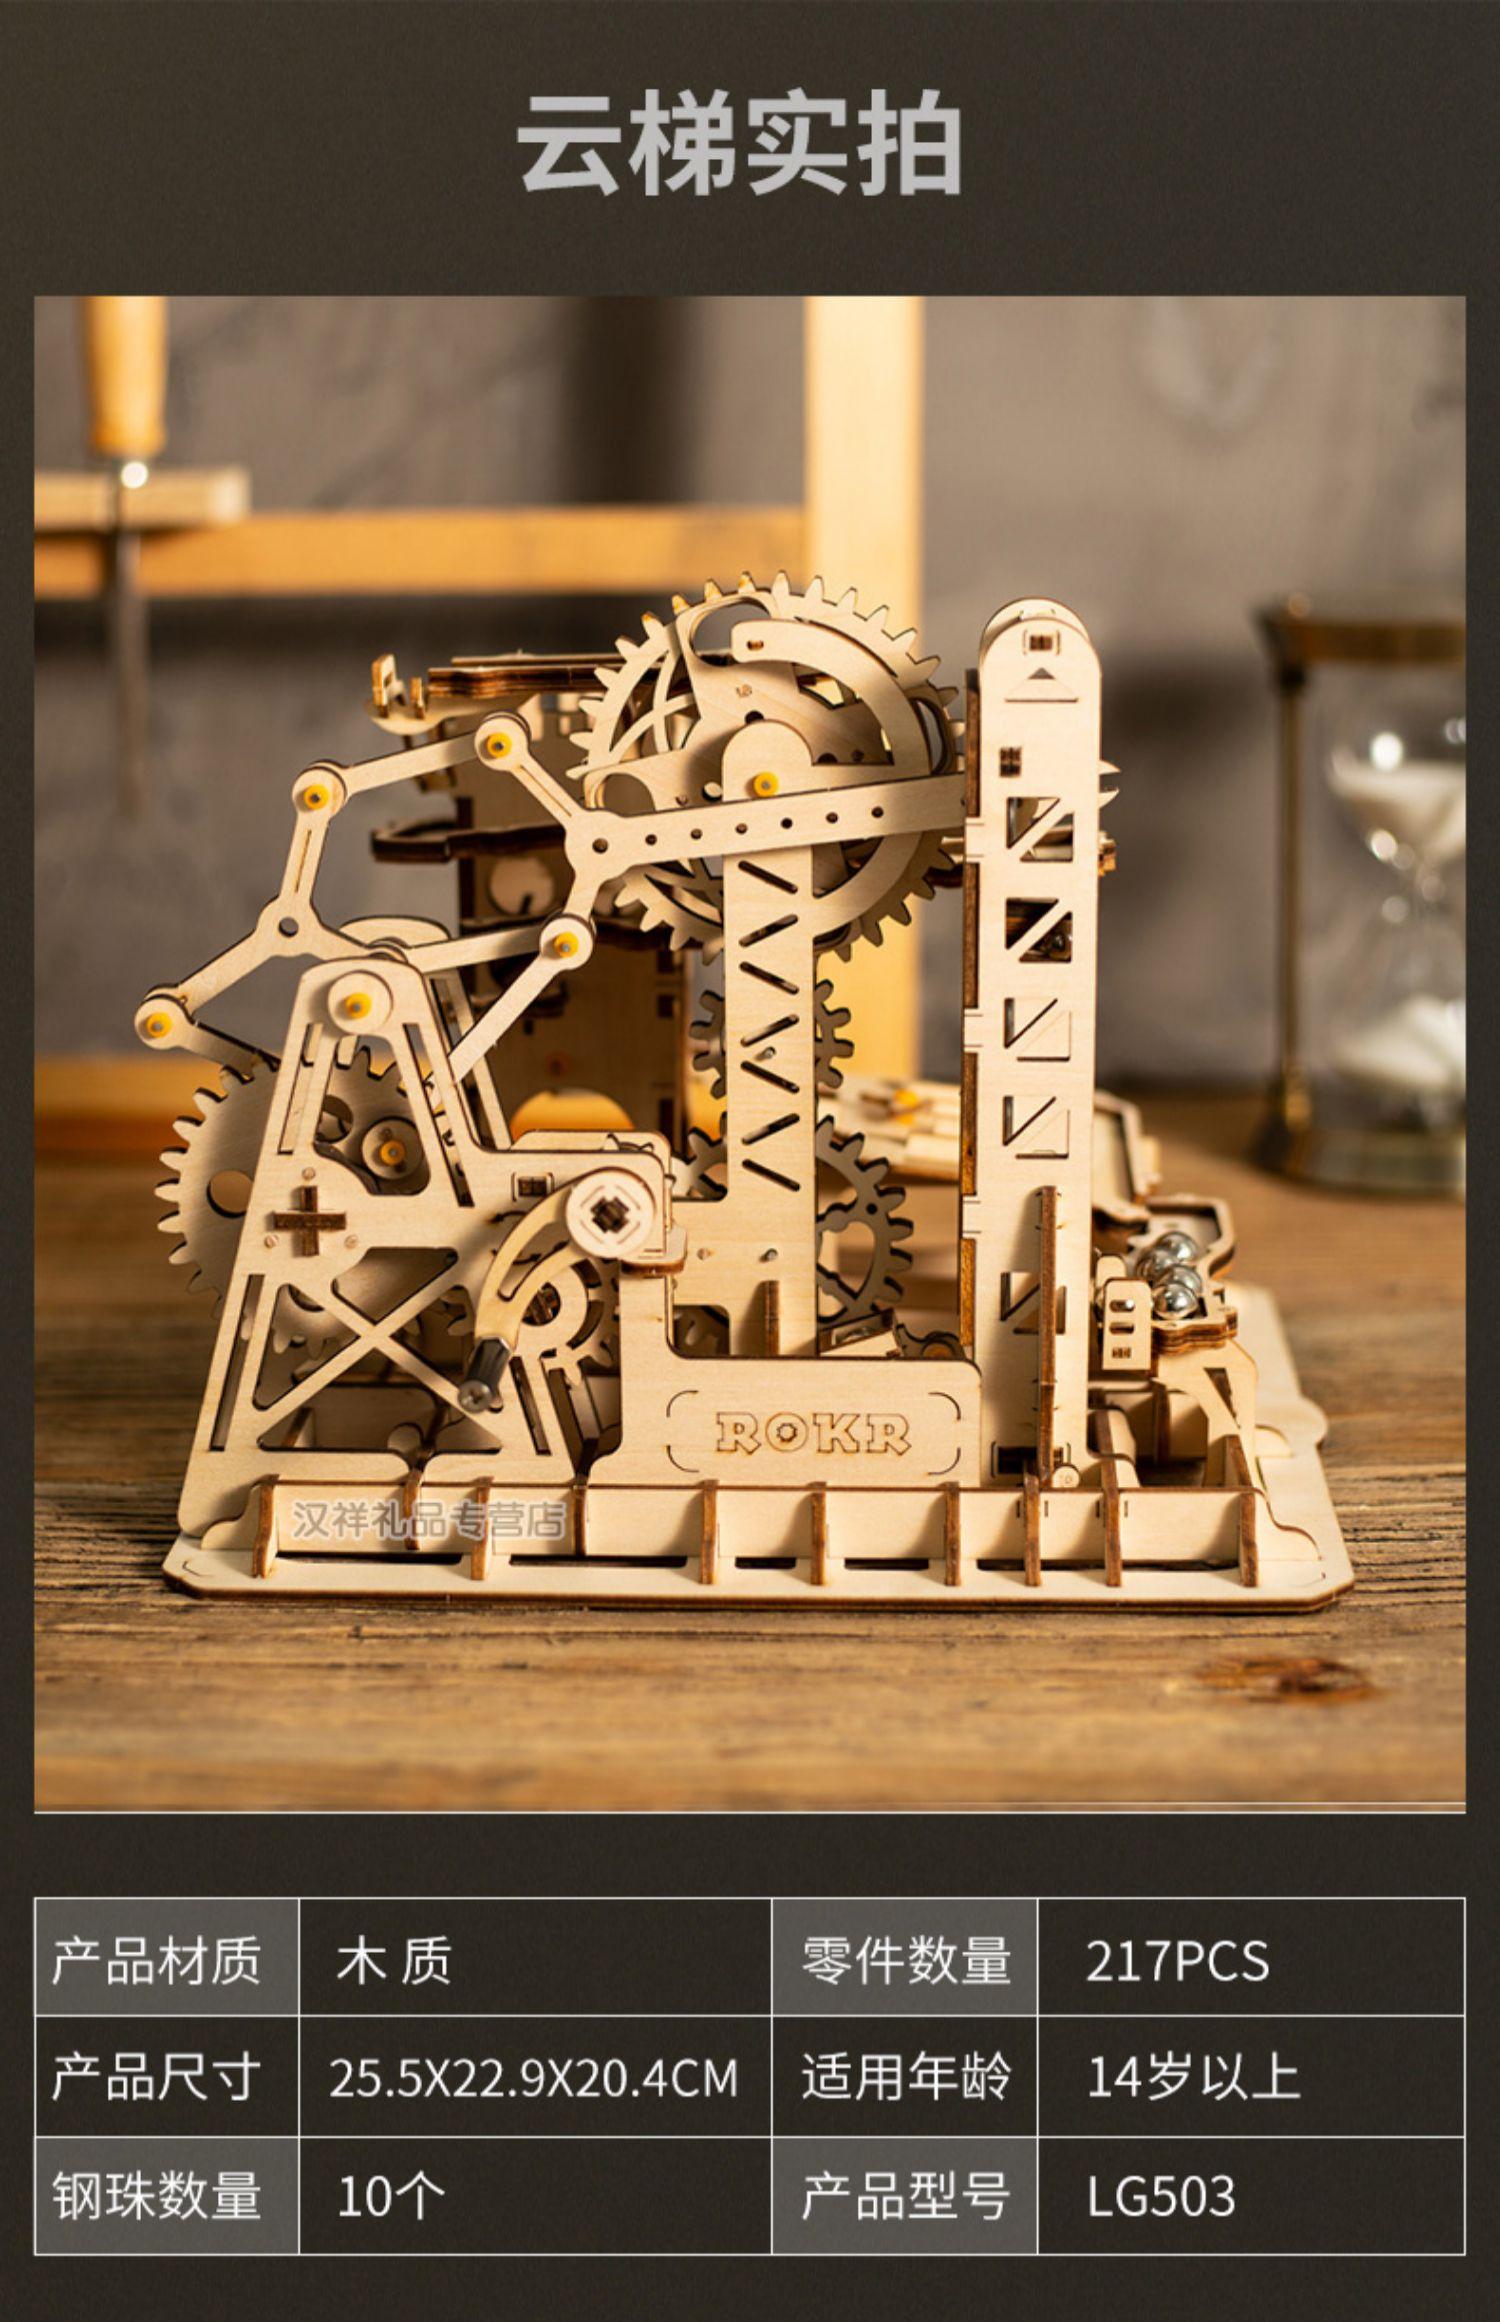 若态创意diy手工木制机械传动模型3D立体拼图玩具老式手摇放映机商品详情图